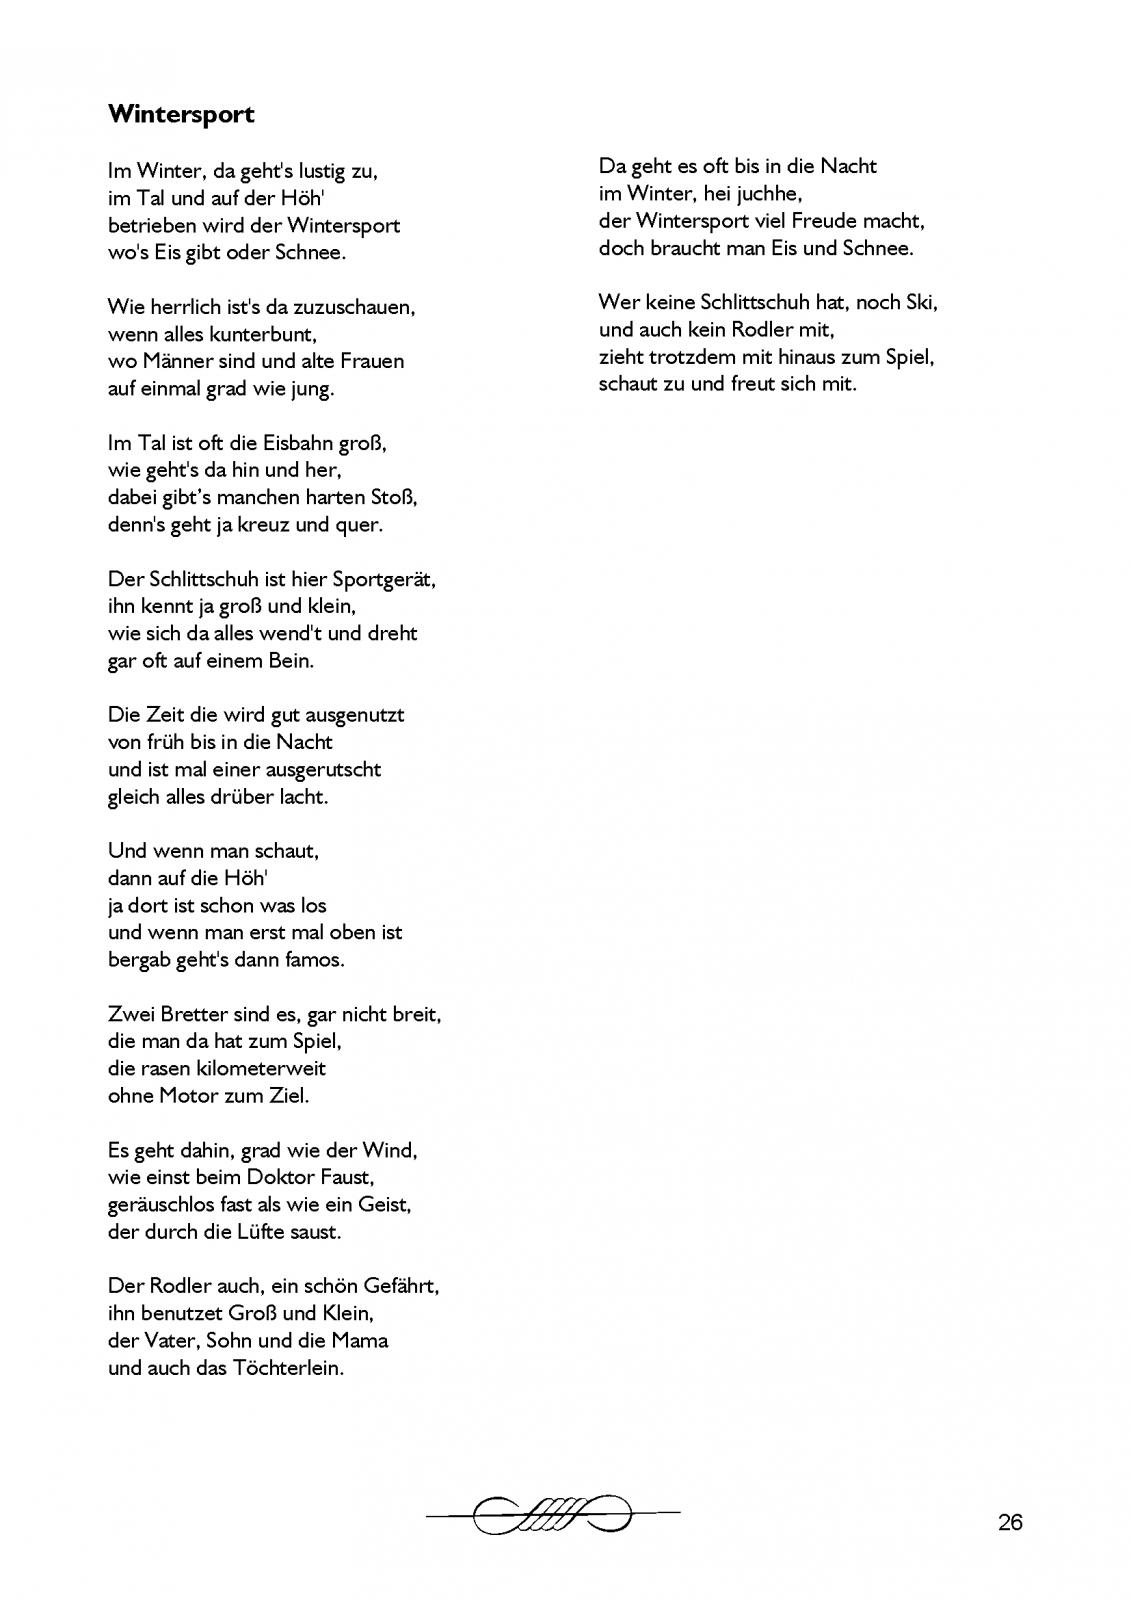 Sprüche gedichte ausgenutzt Betrogen